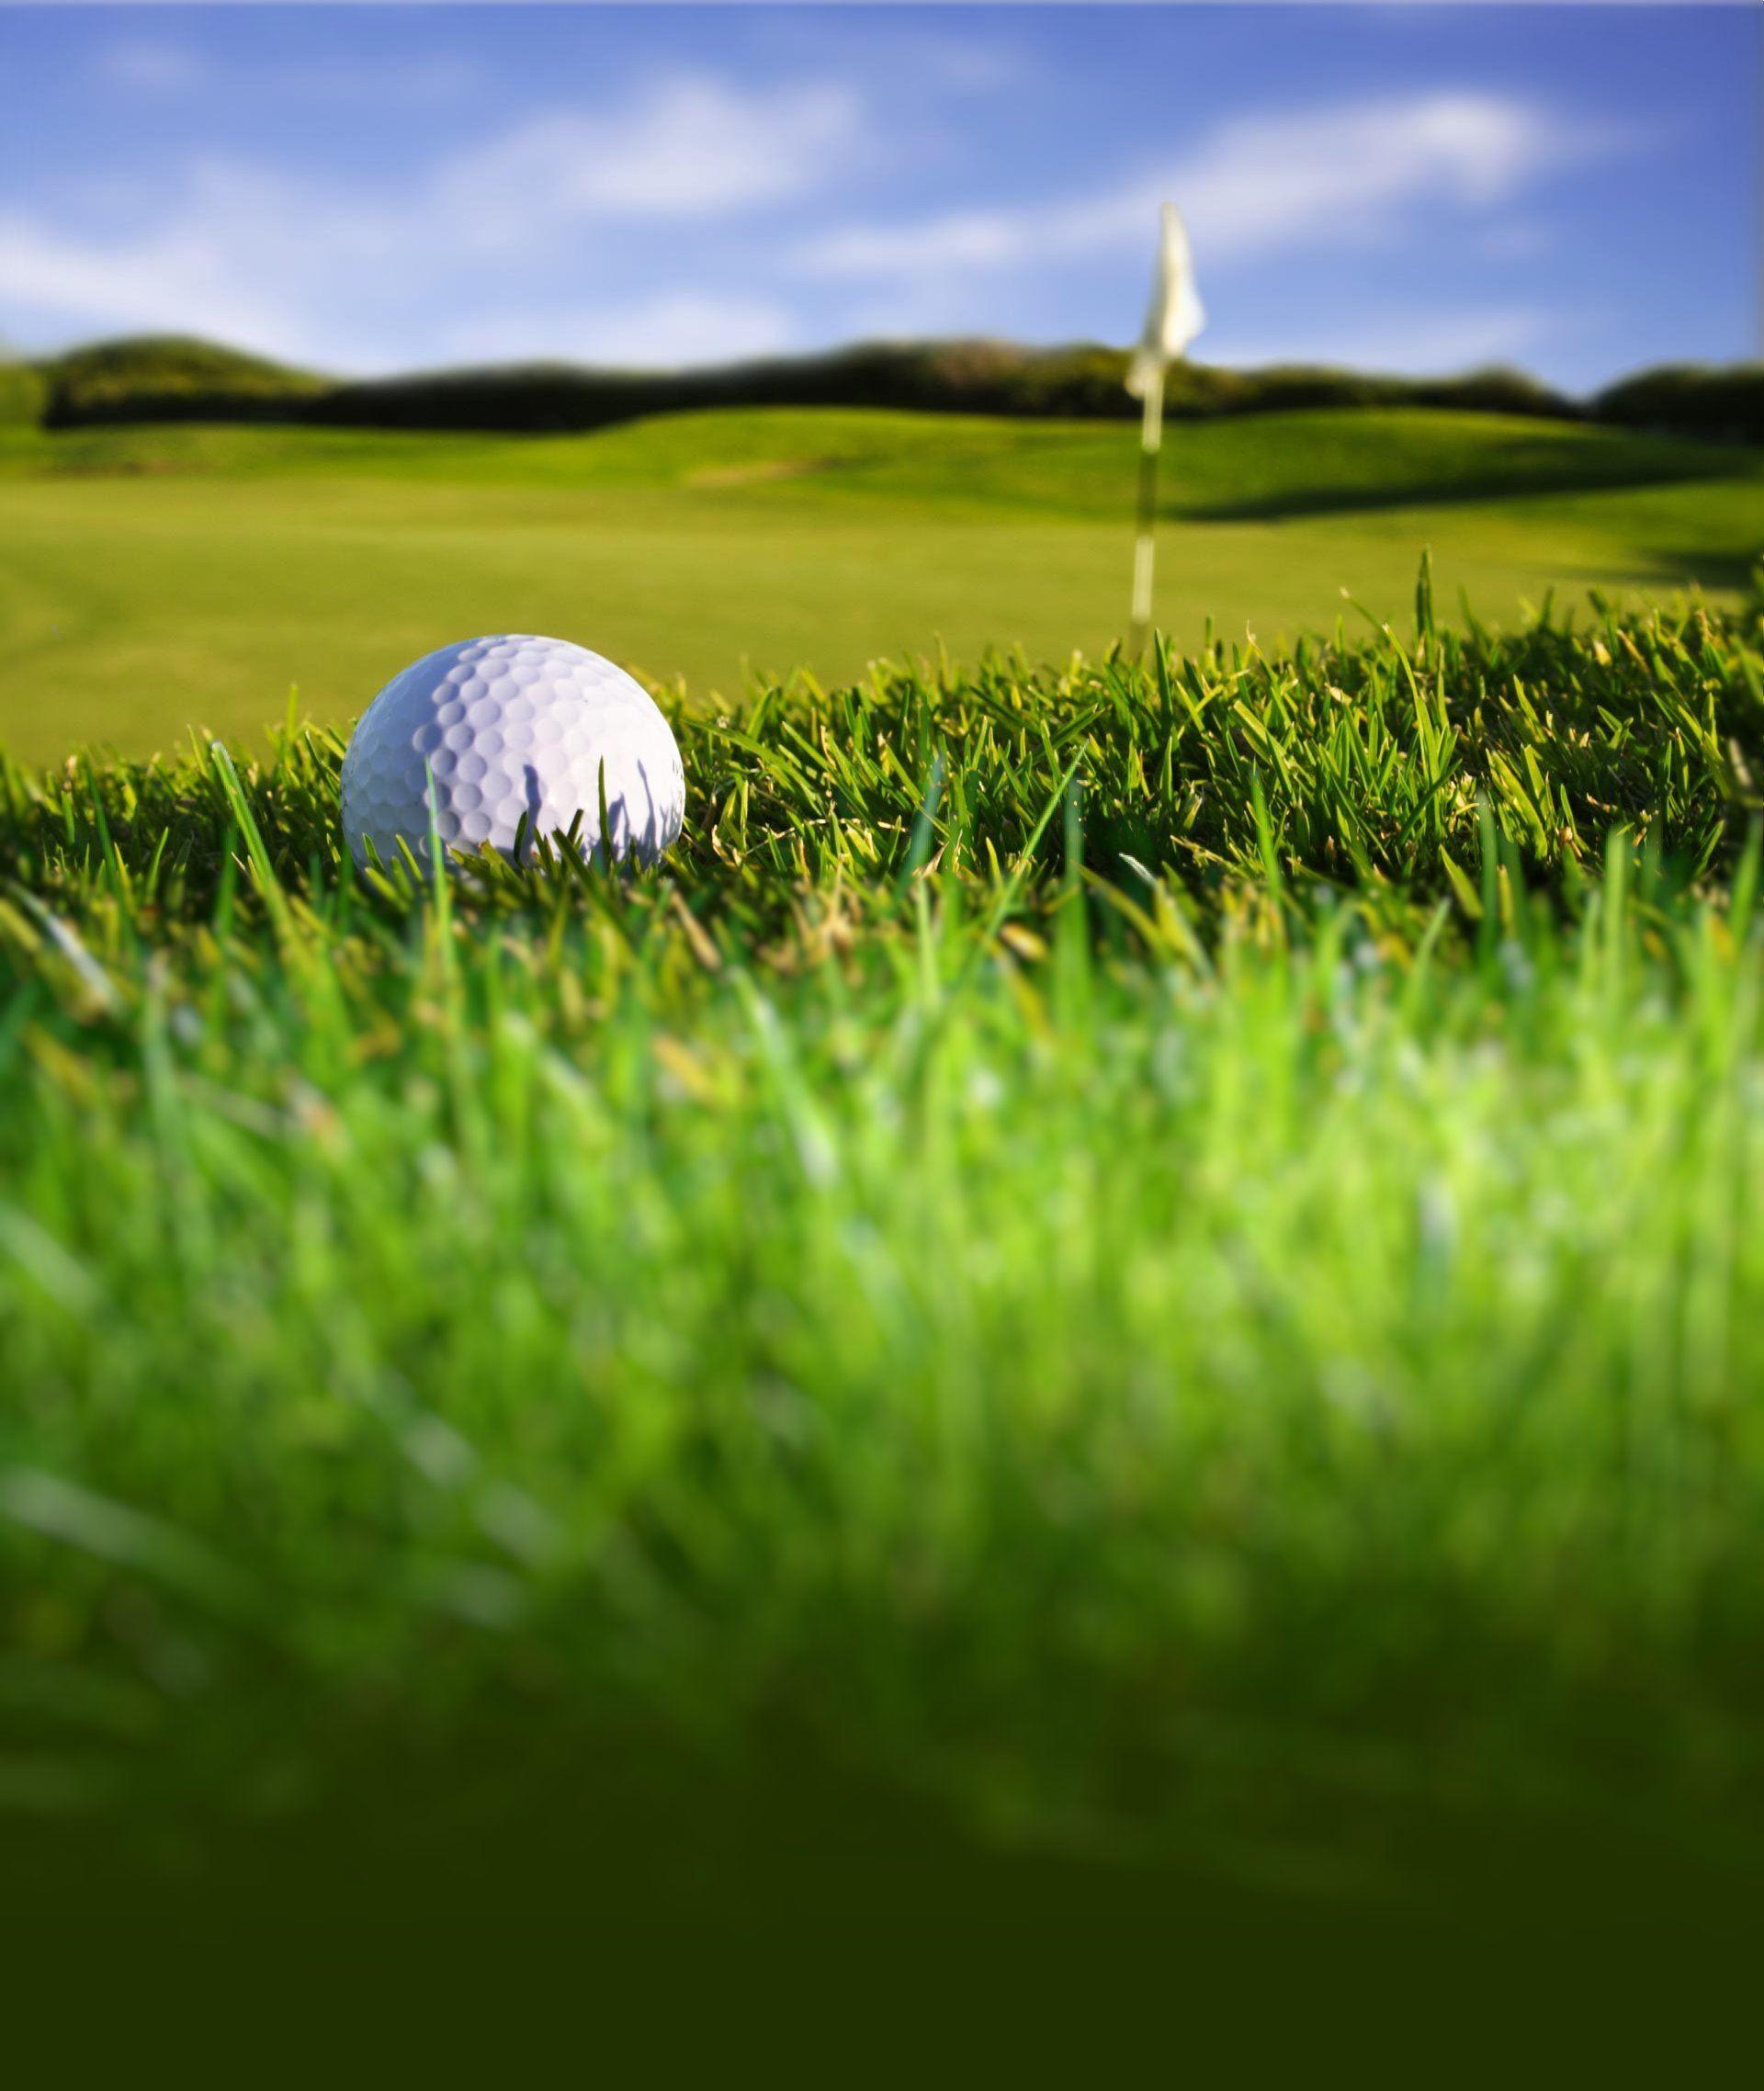 Prova på golf - Sörfjärdens GK,  © Prova på golf - Sörfjärdens GK, Prova på golf - Sörfjärdens GK